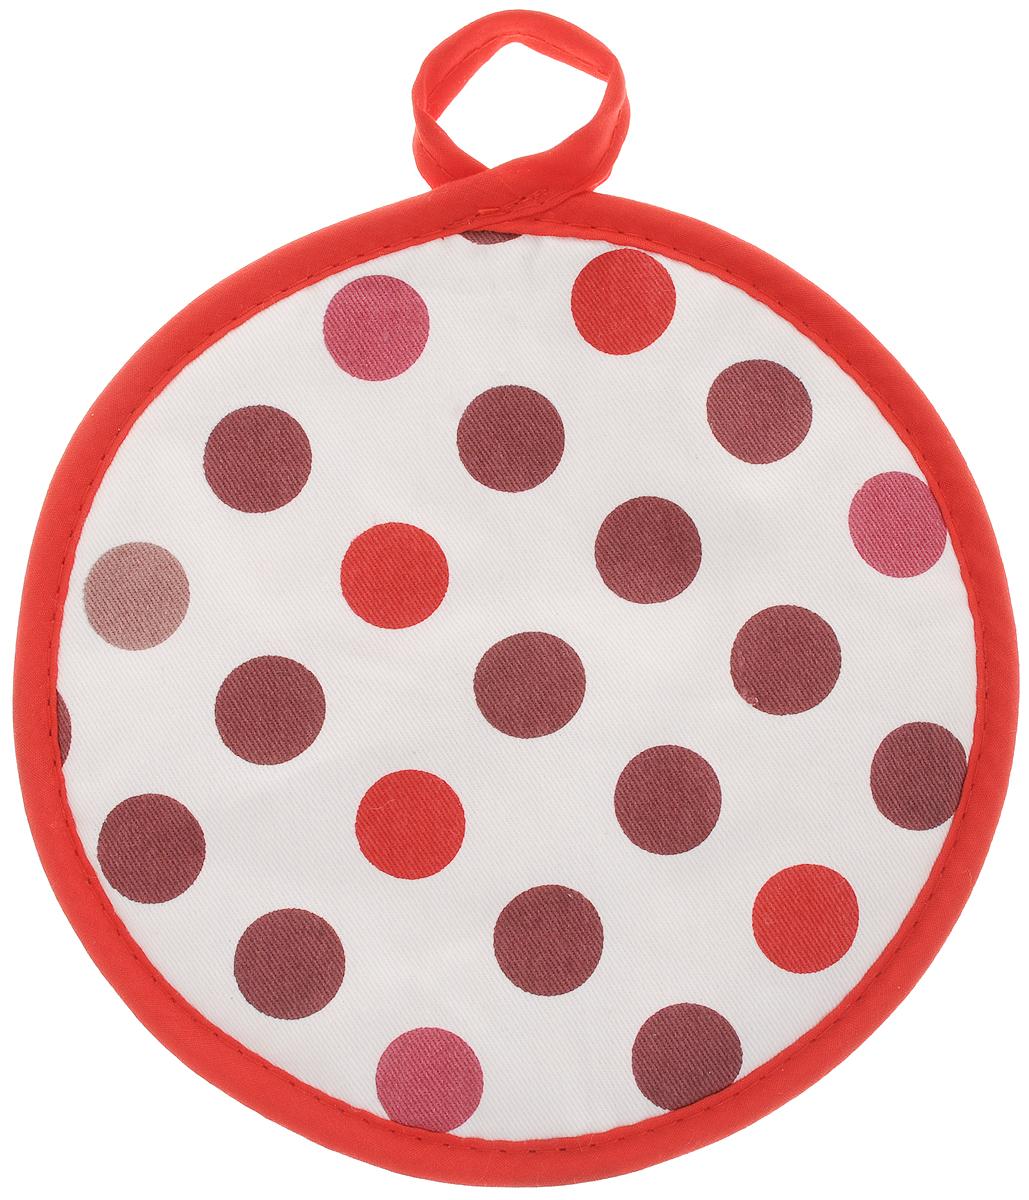 Прихватка Bonita Конфетти, диаметр 18 см1101211572Прихватка Bonita выполнена из натурального хлопка и декорирована оригинальным рисунком. Изделие оснащено специальной петелькой, за которую его можно подвесить на крючок в любом удобном для вас месте. Такая прихватка красиво дополнит интерьер кухни.